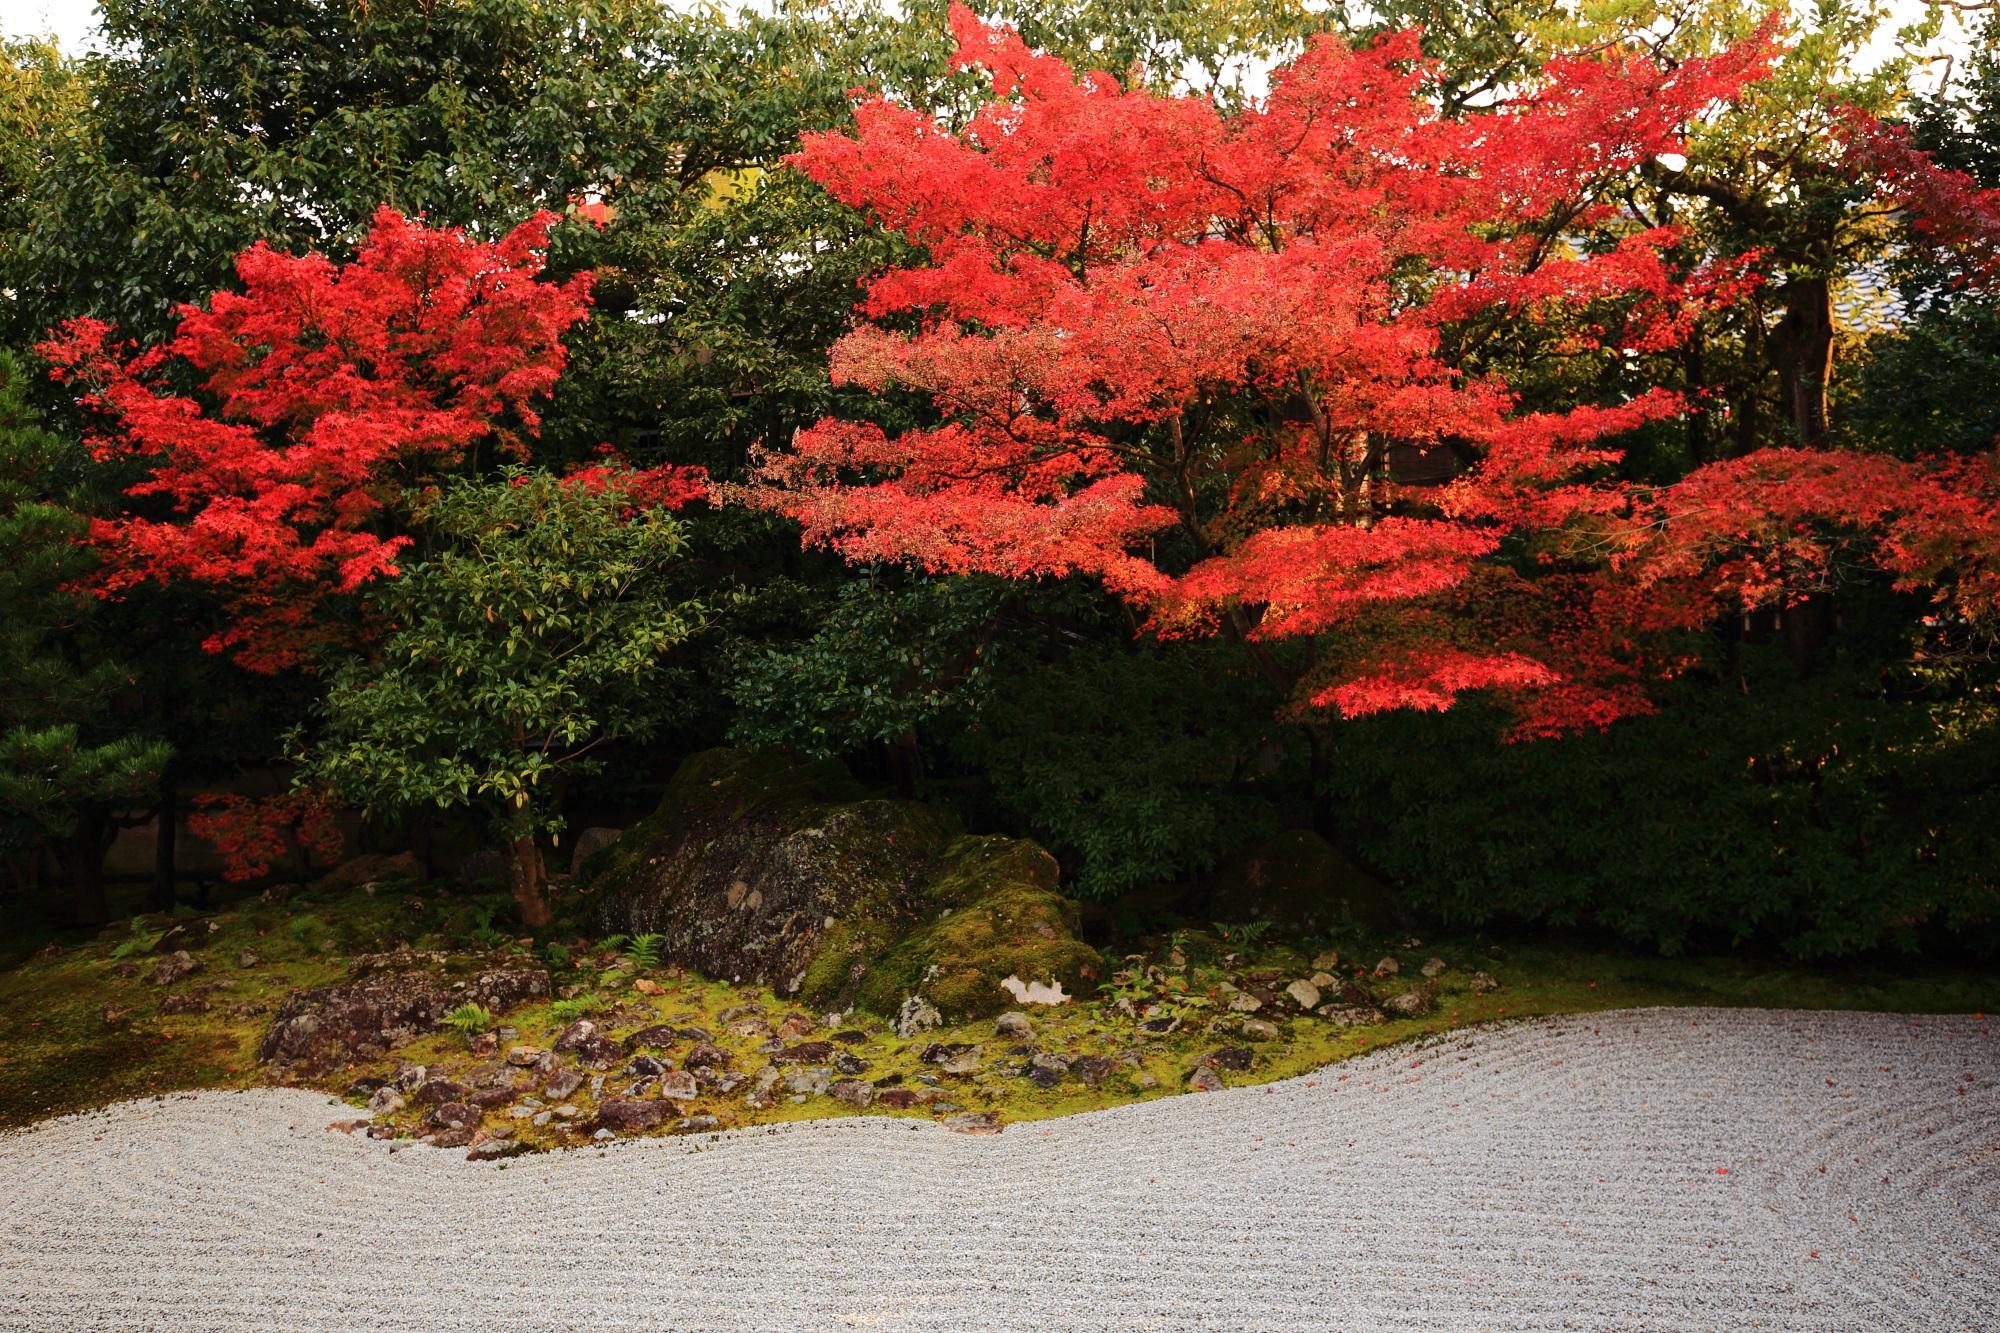 高台寺圓徳院の南庭の白砂と見ごろの赤い紅葉